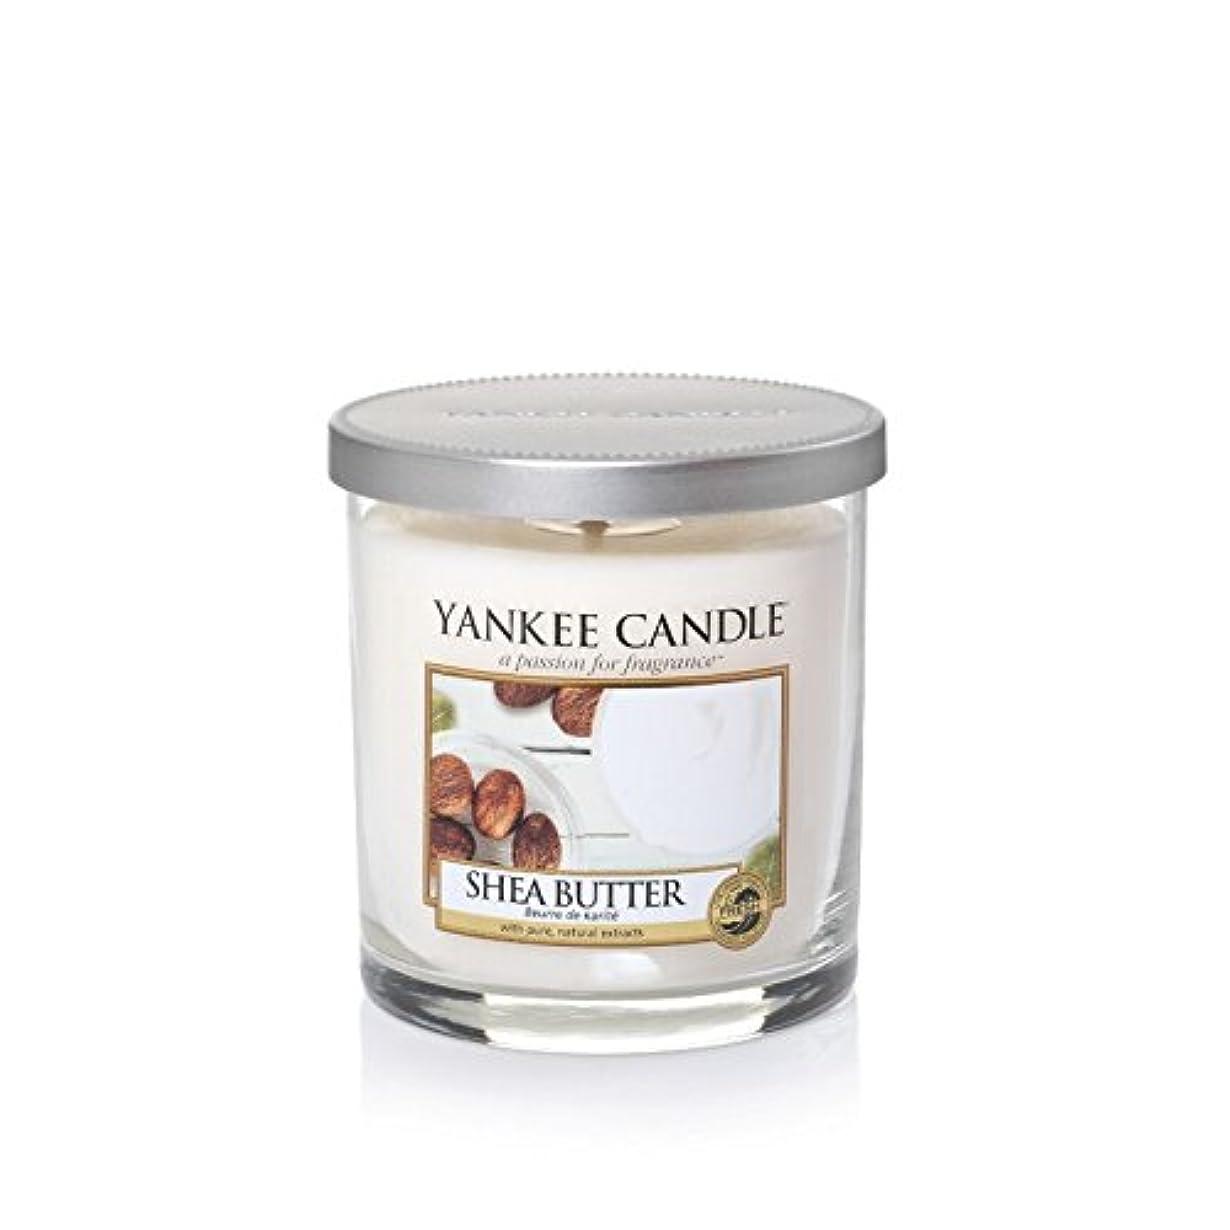 舌翻訳するグラフィックYankee Candles Small Pillar Candle - Shea Butter (Pack of 2) - ヤンキーキャンドルの小さな柱キャンドル - シアバター (x2) [並行輸入品]